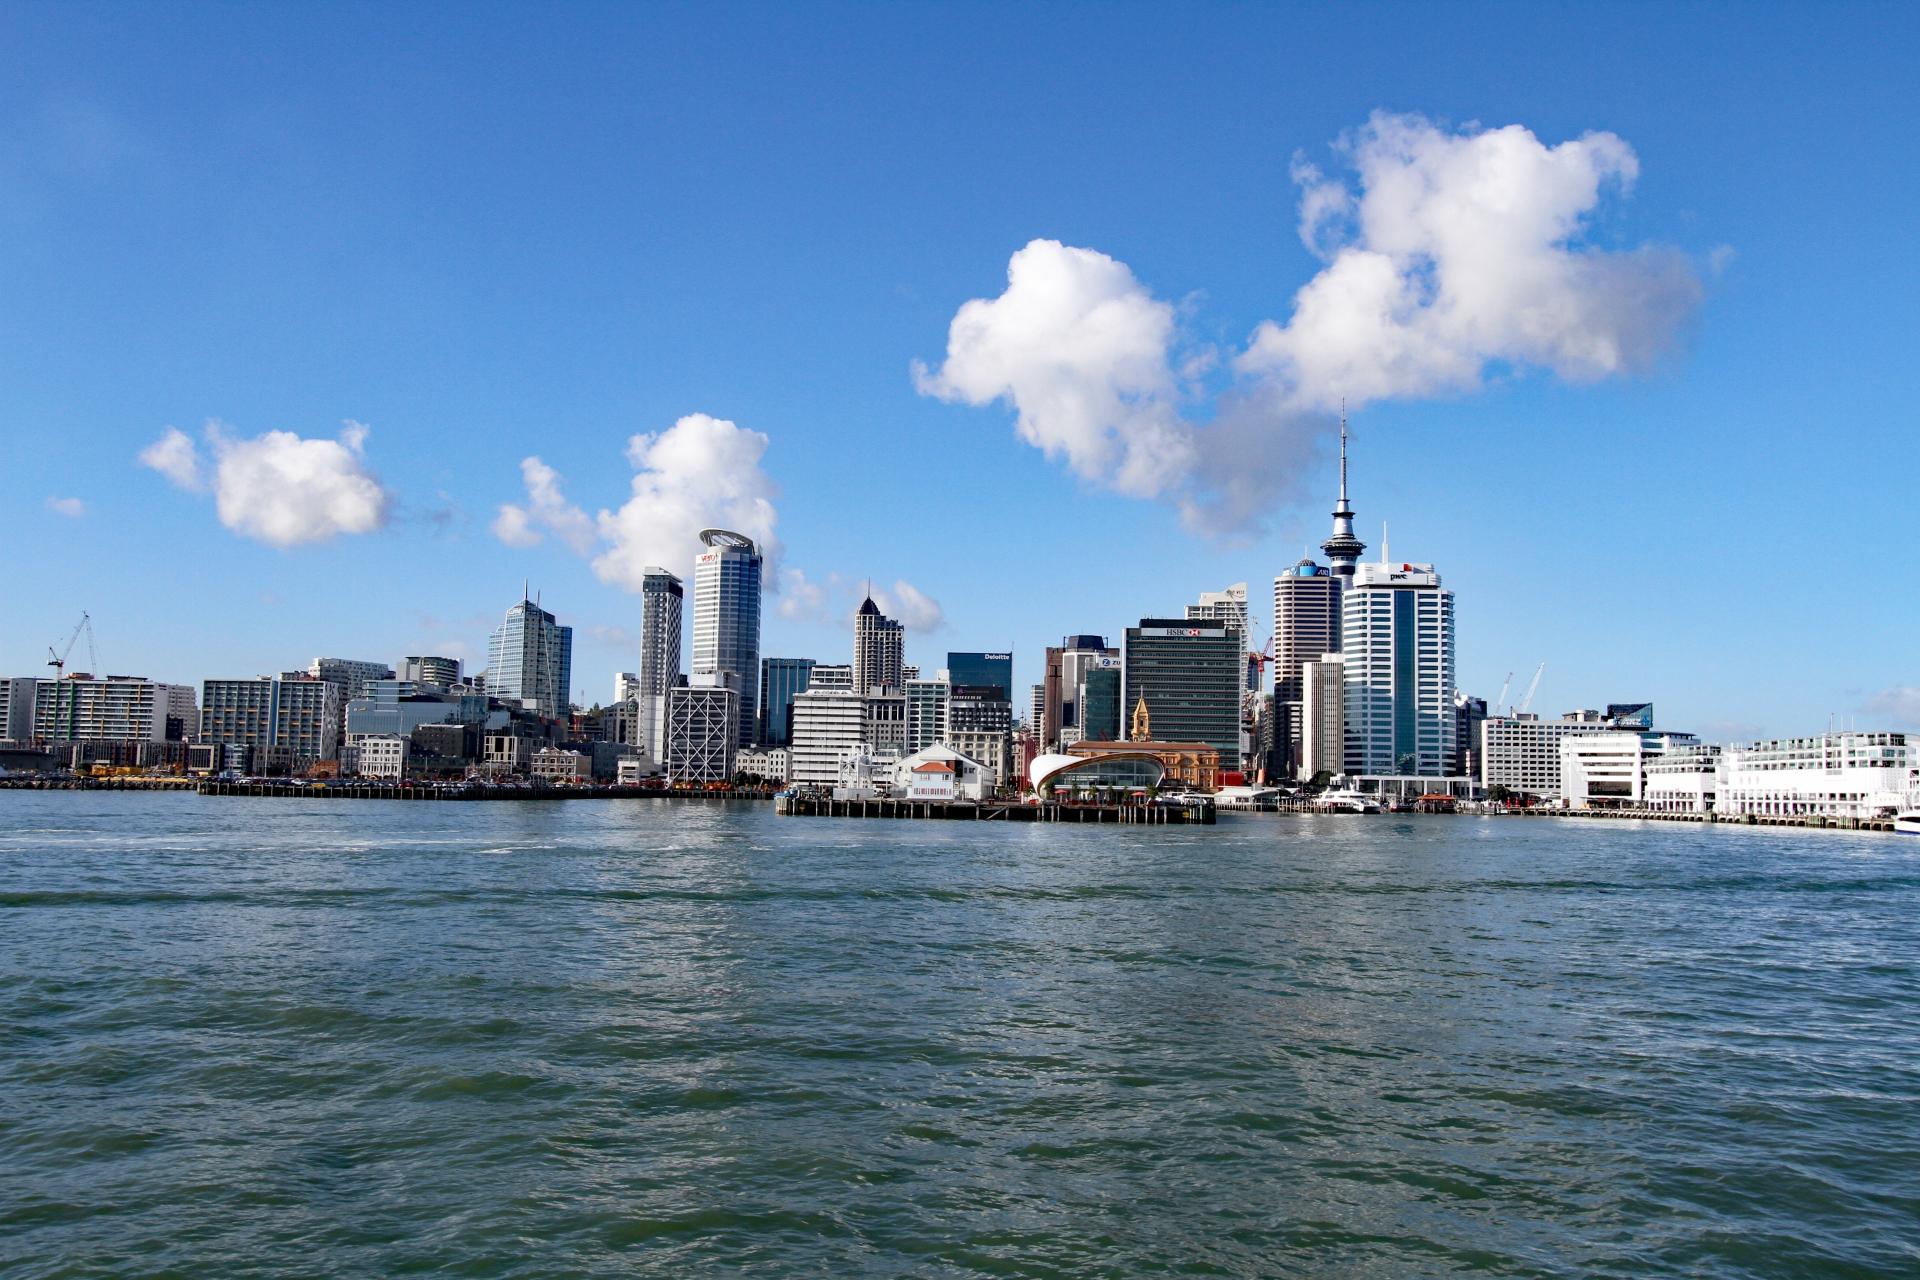 ニュージーランドに留学・ワーホリで行く前に知っておくべきこと【出発準備ガイド】